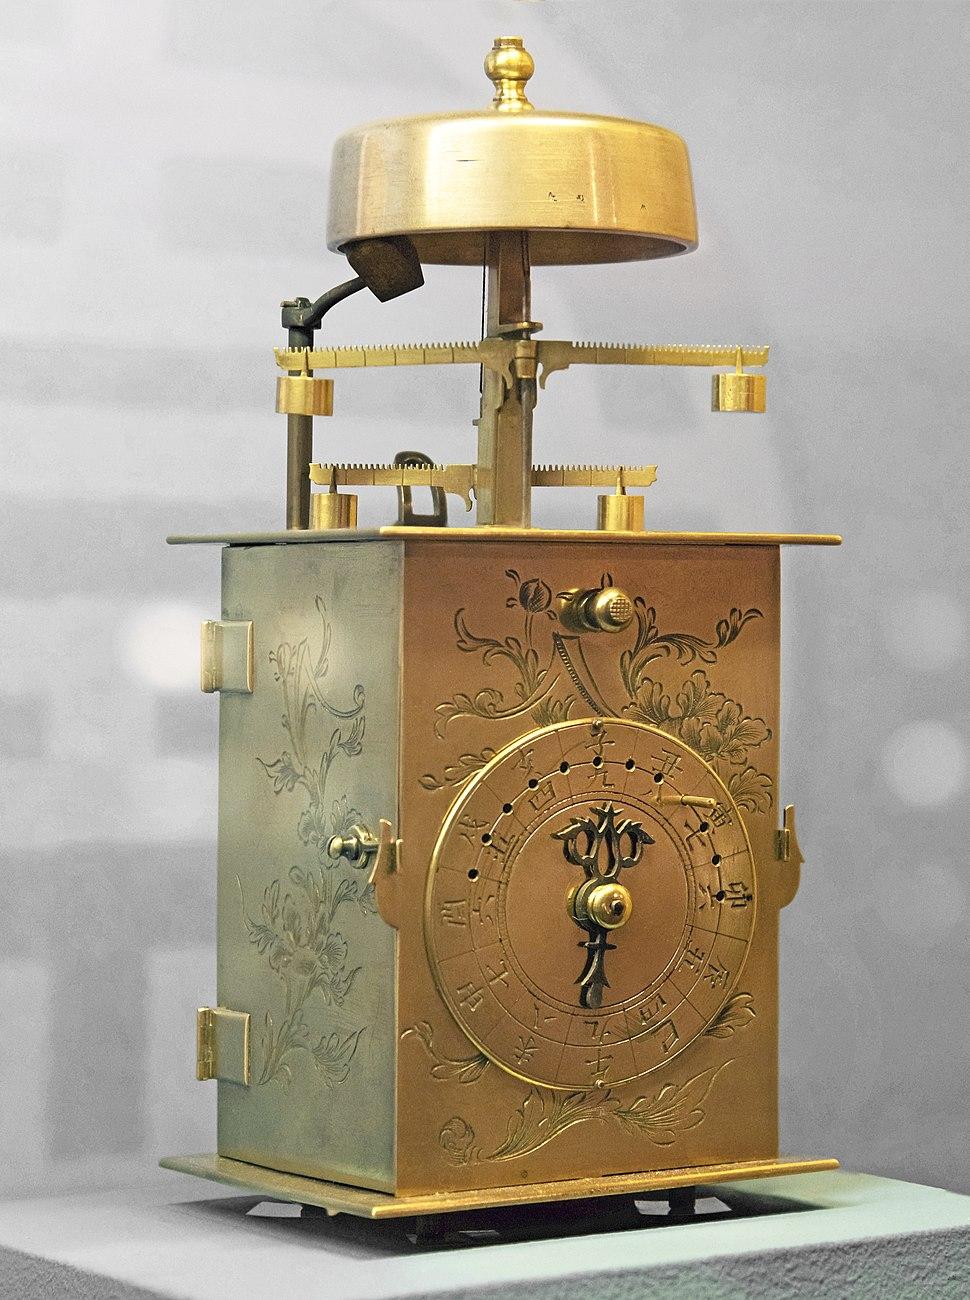 Le Musée Paul Dupuy - Horloge japonaise à double foliot (Wadokei) - Période Edo